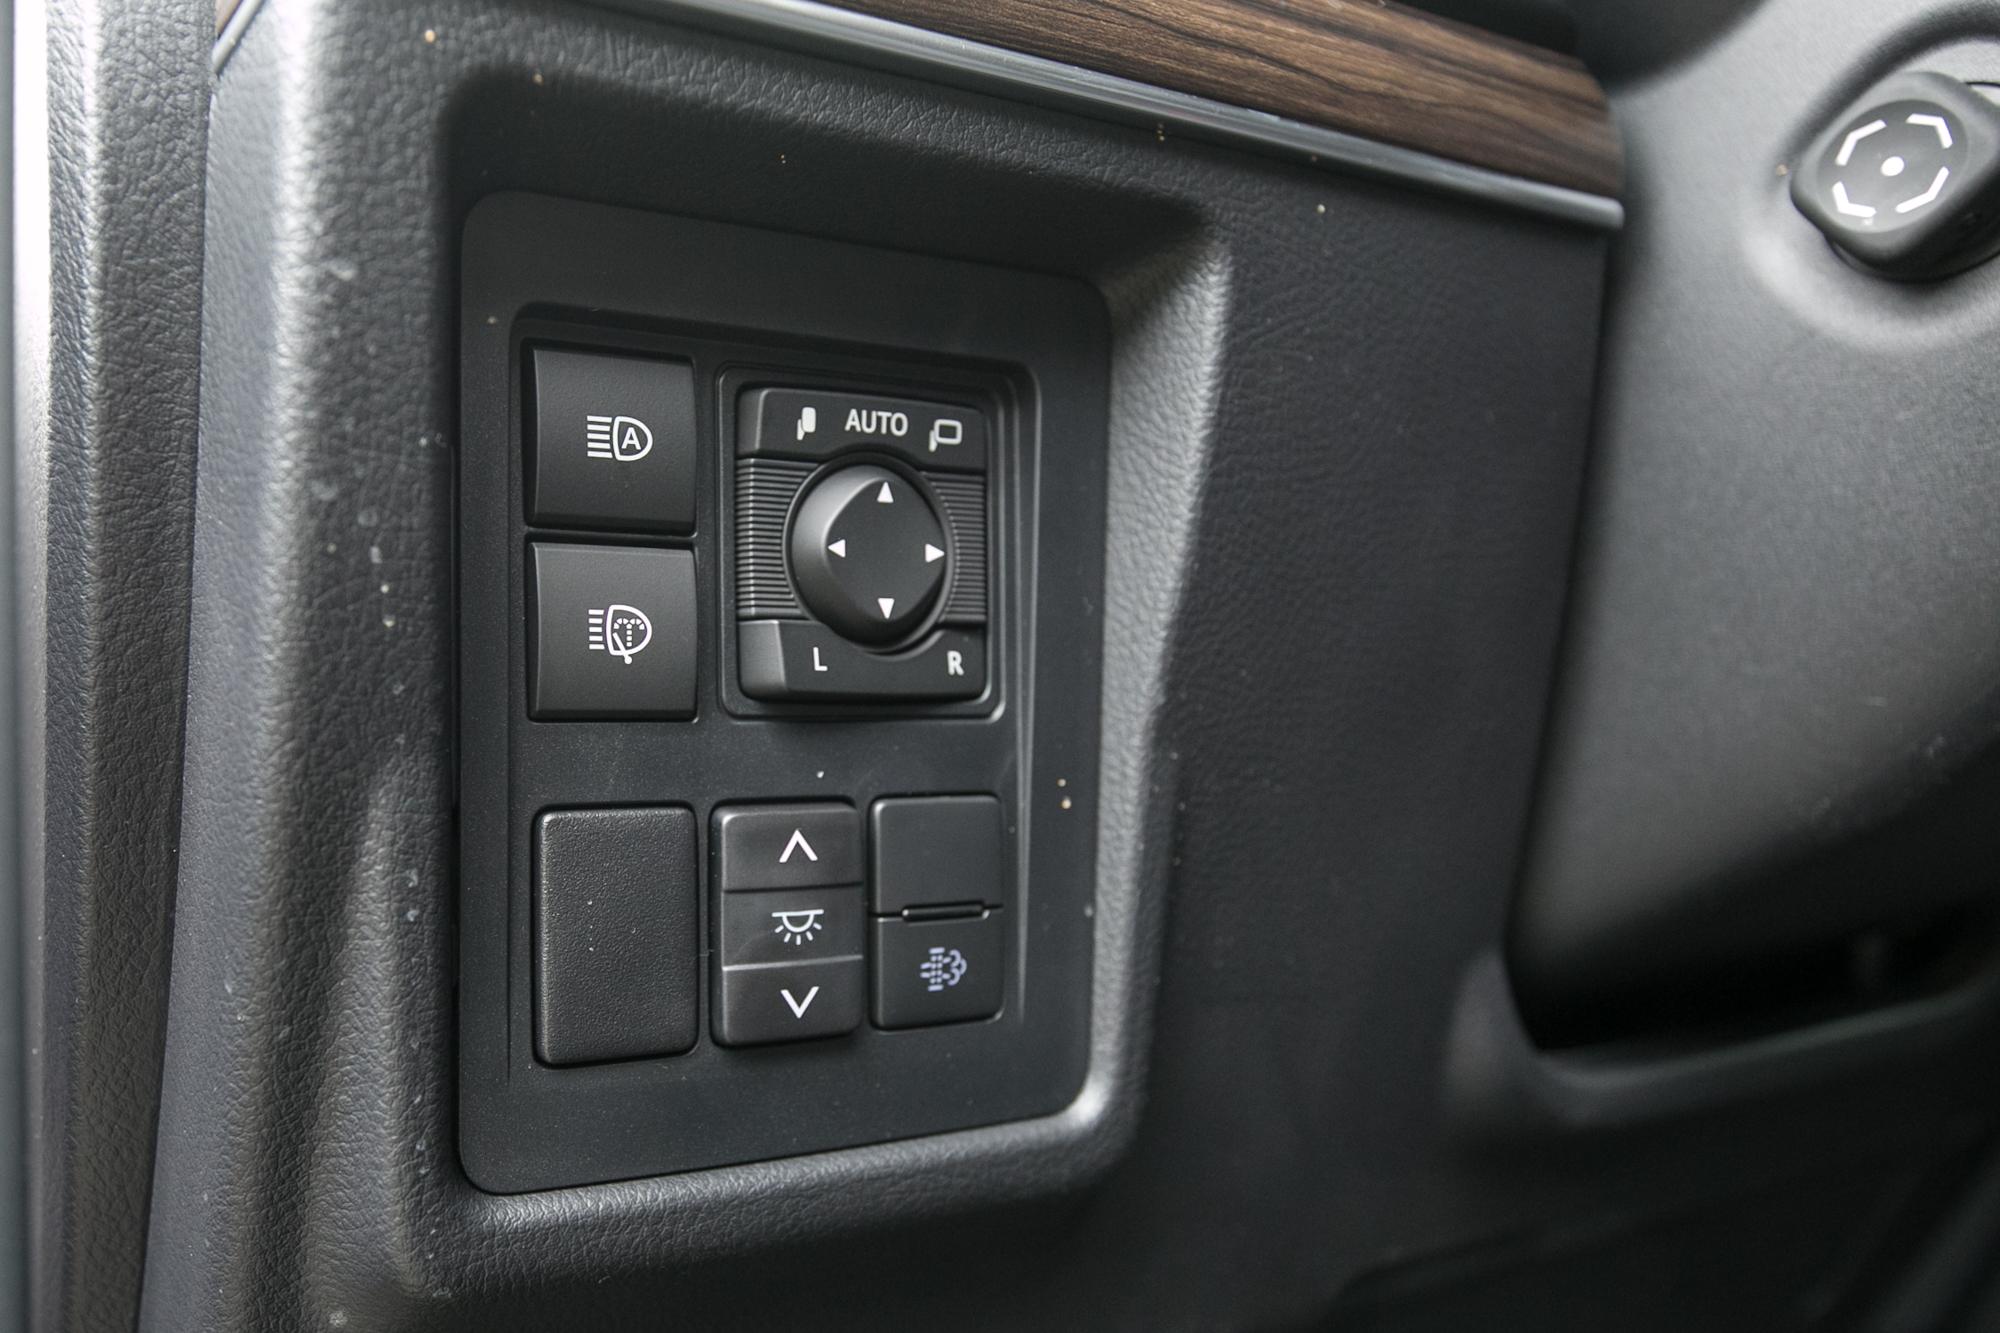 方向盤左側操作介面,可以看見方向盤也為電動四向調整機制。